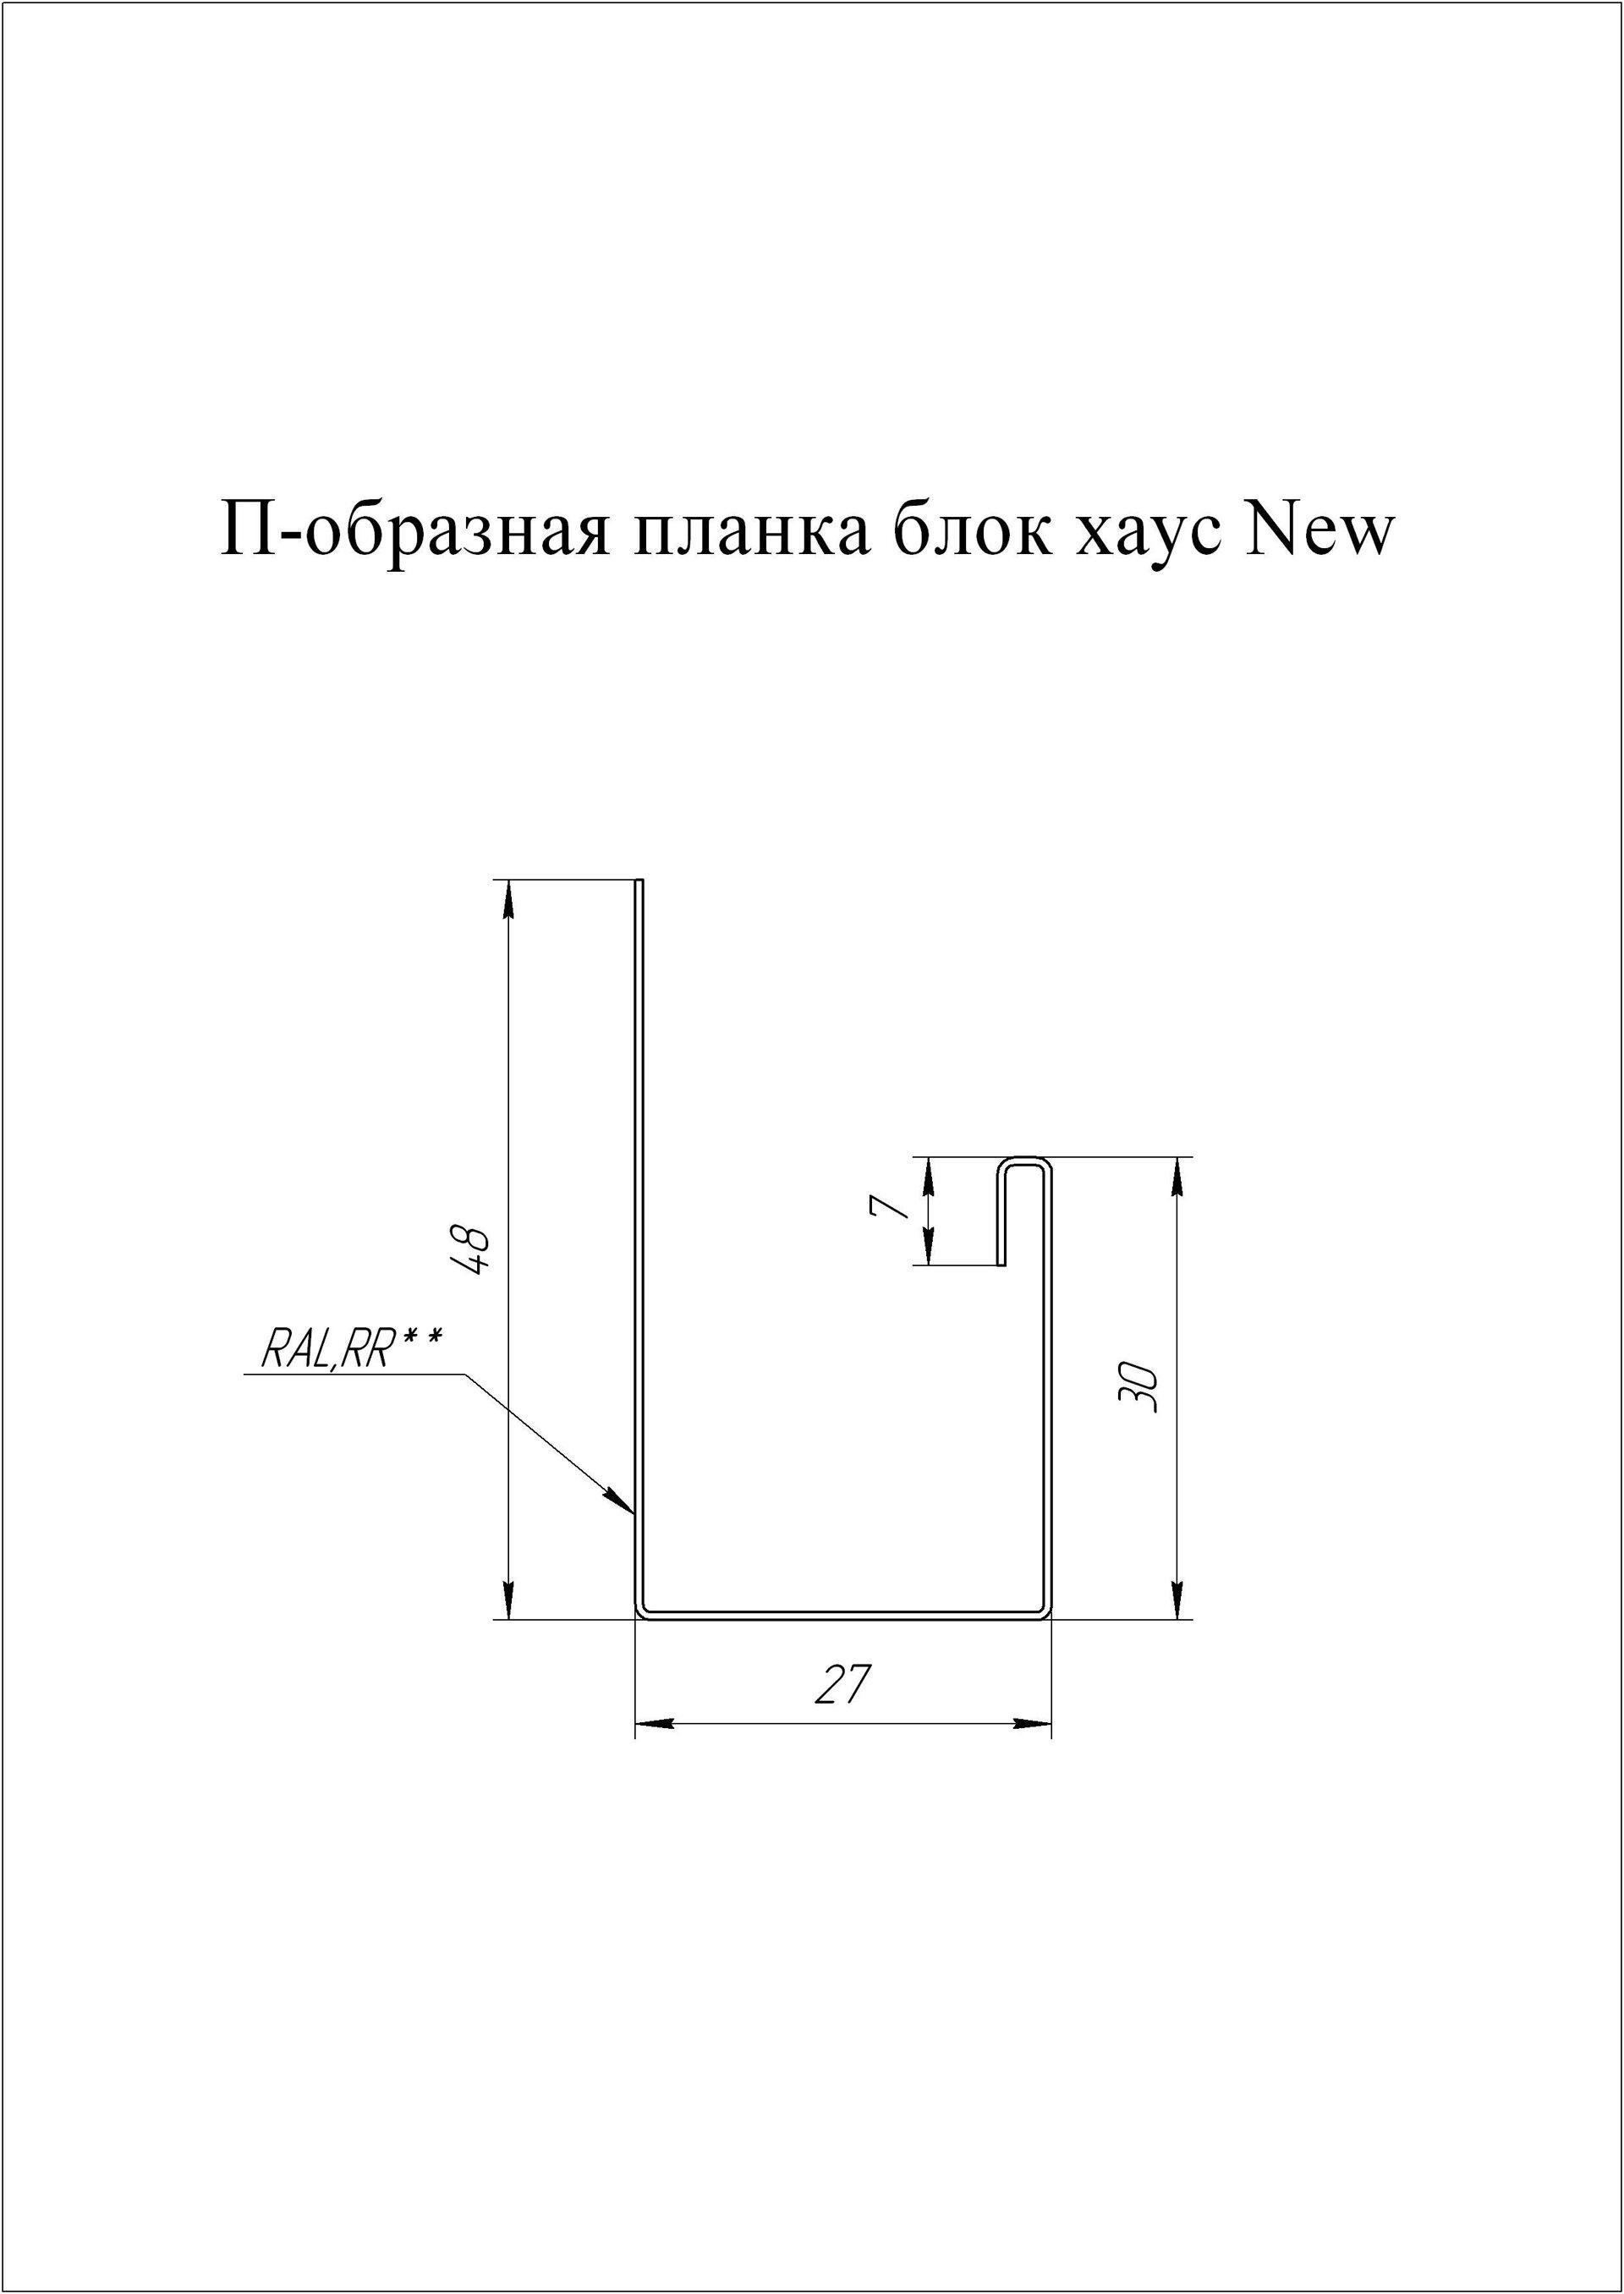 pic_538e455dc455fa8f274d41049293b3a7_1920x9000_1.jpg